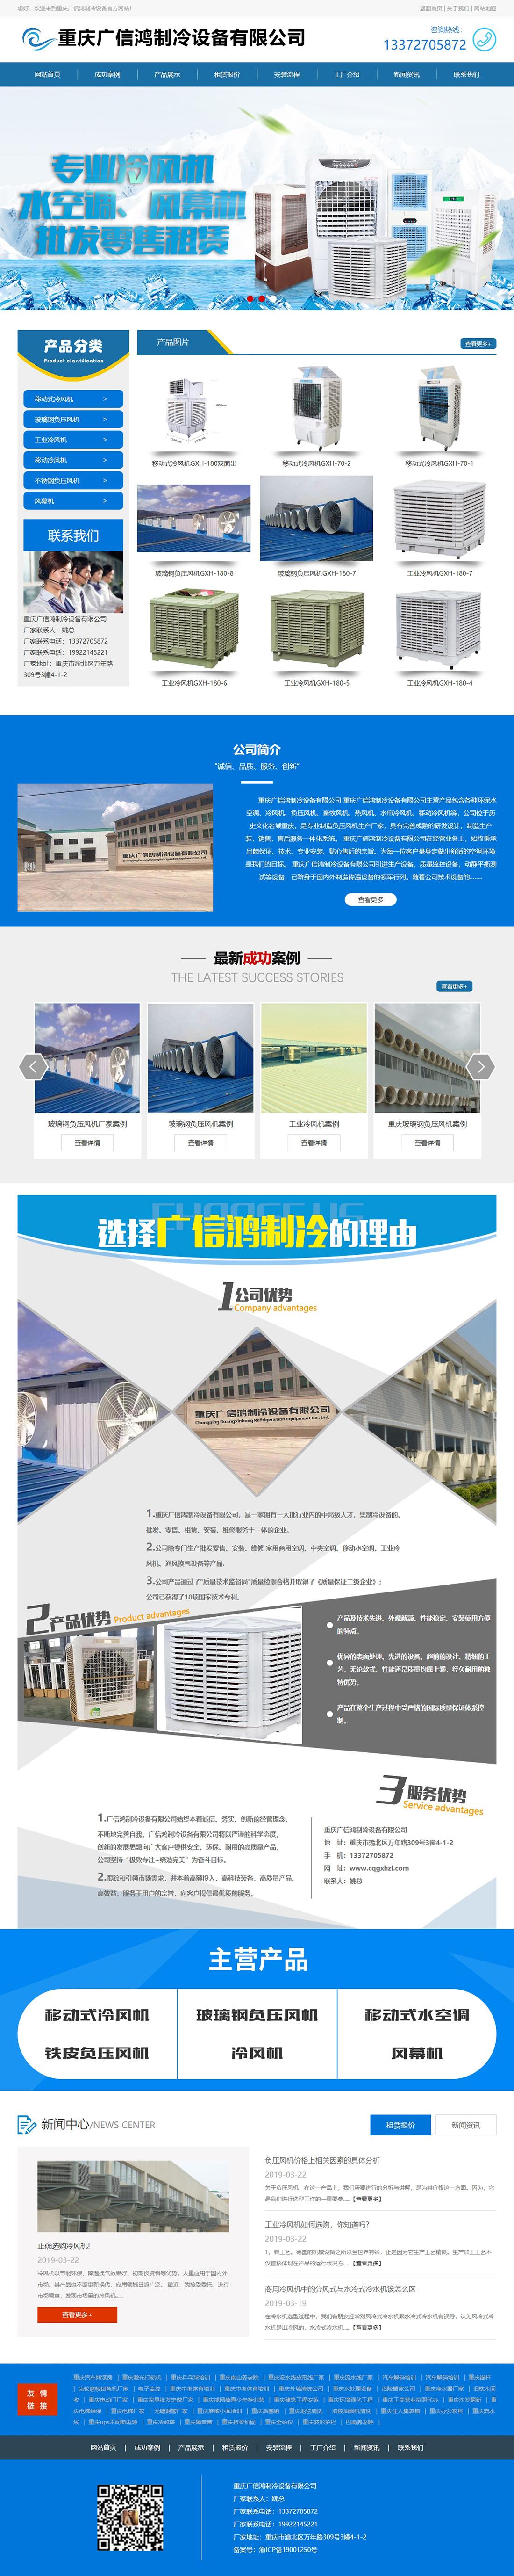 重庆广信鸿制冷设备有限公司网站